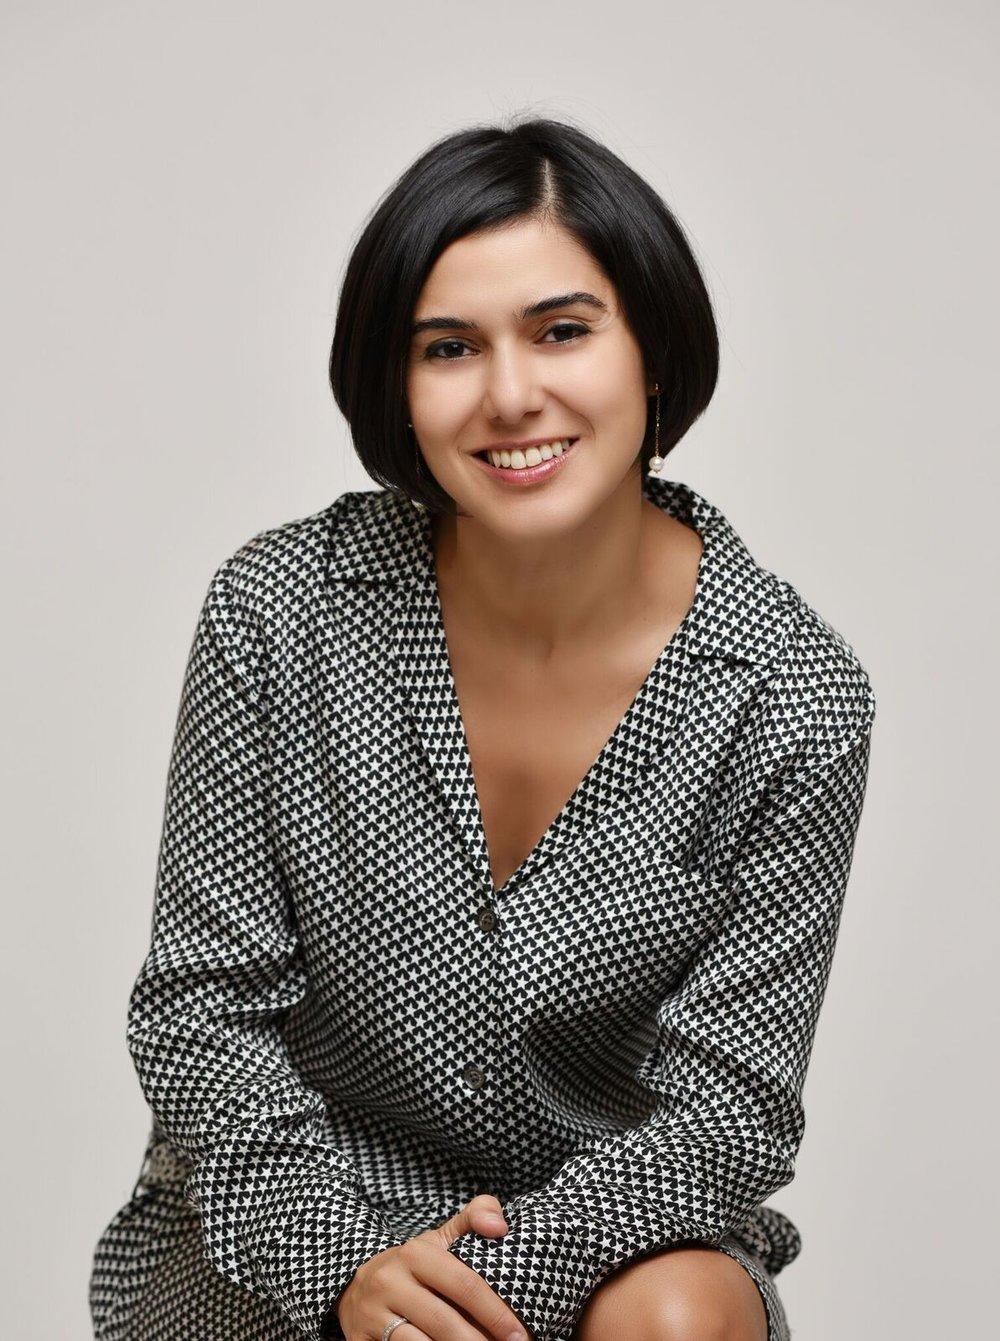 Rana Nawas